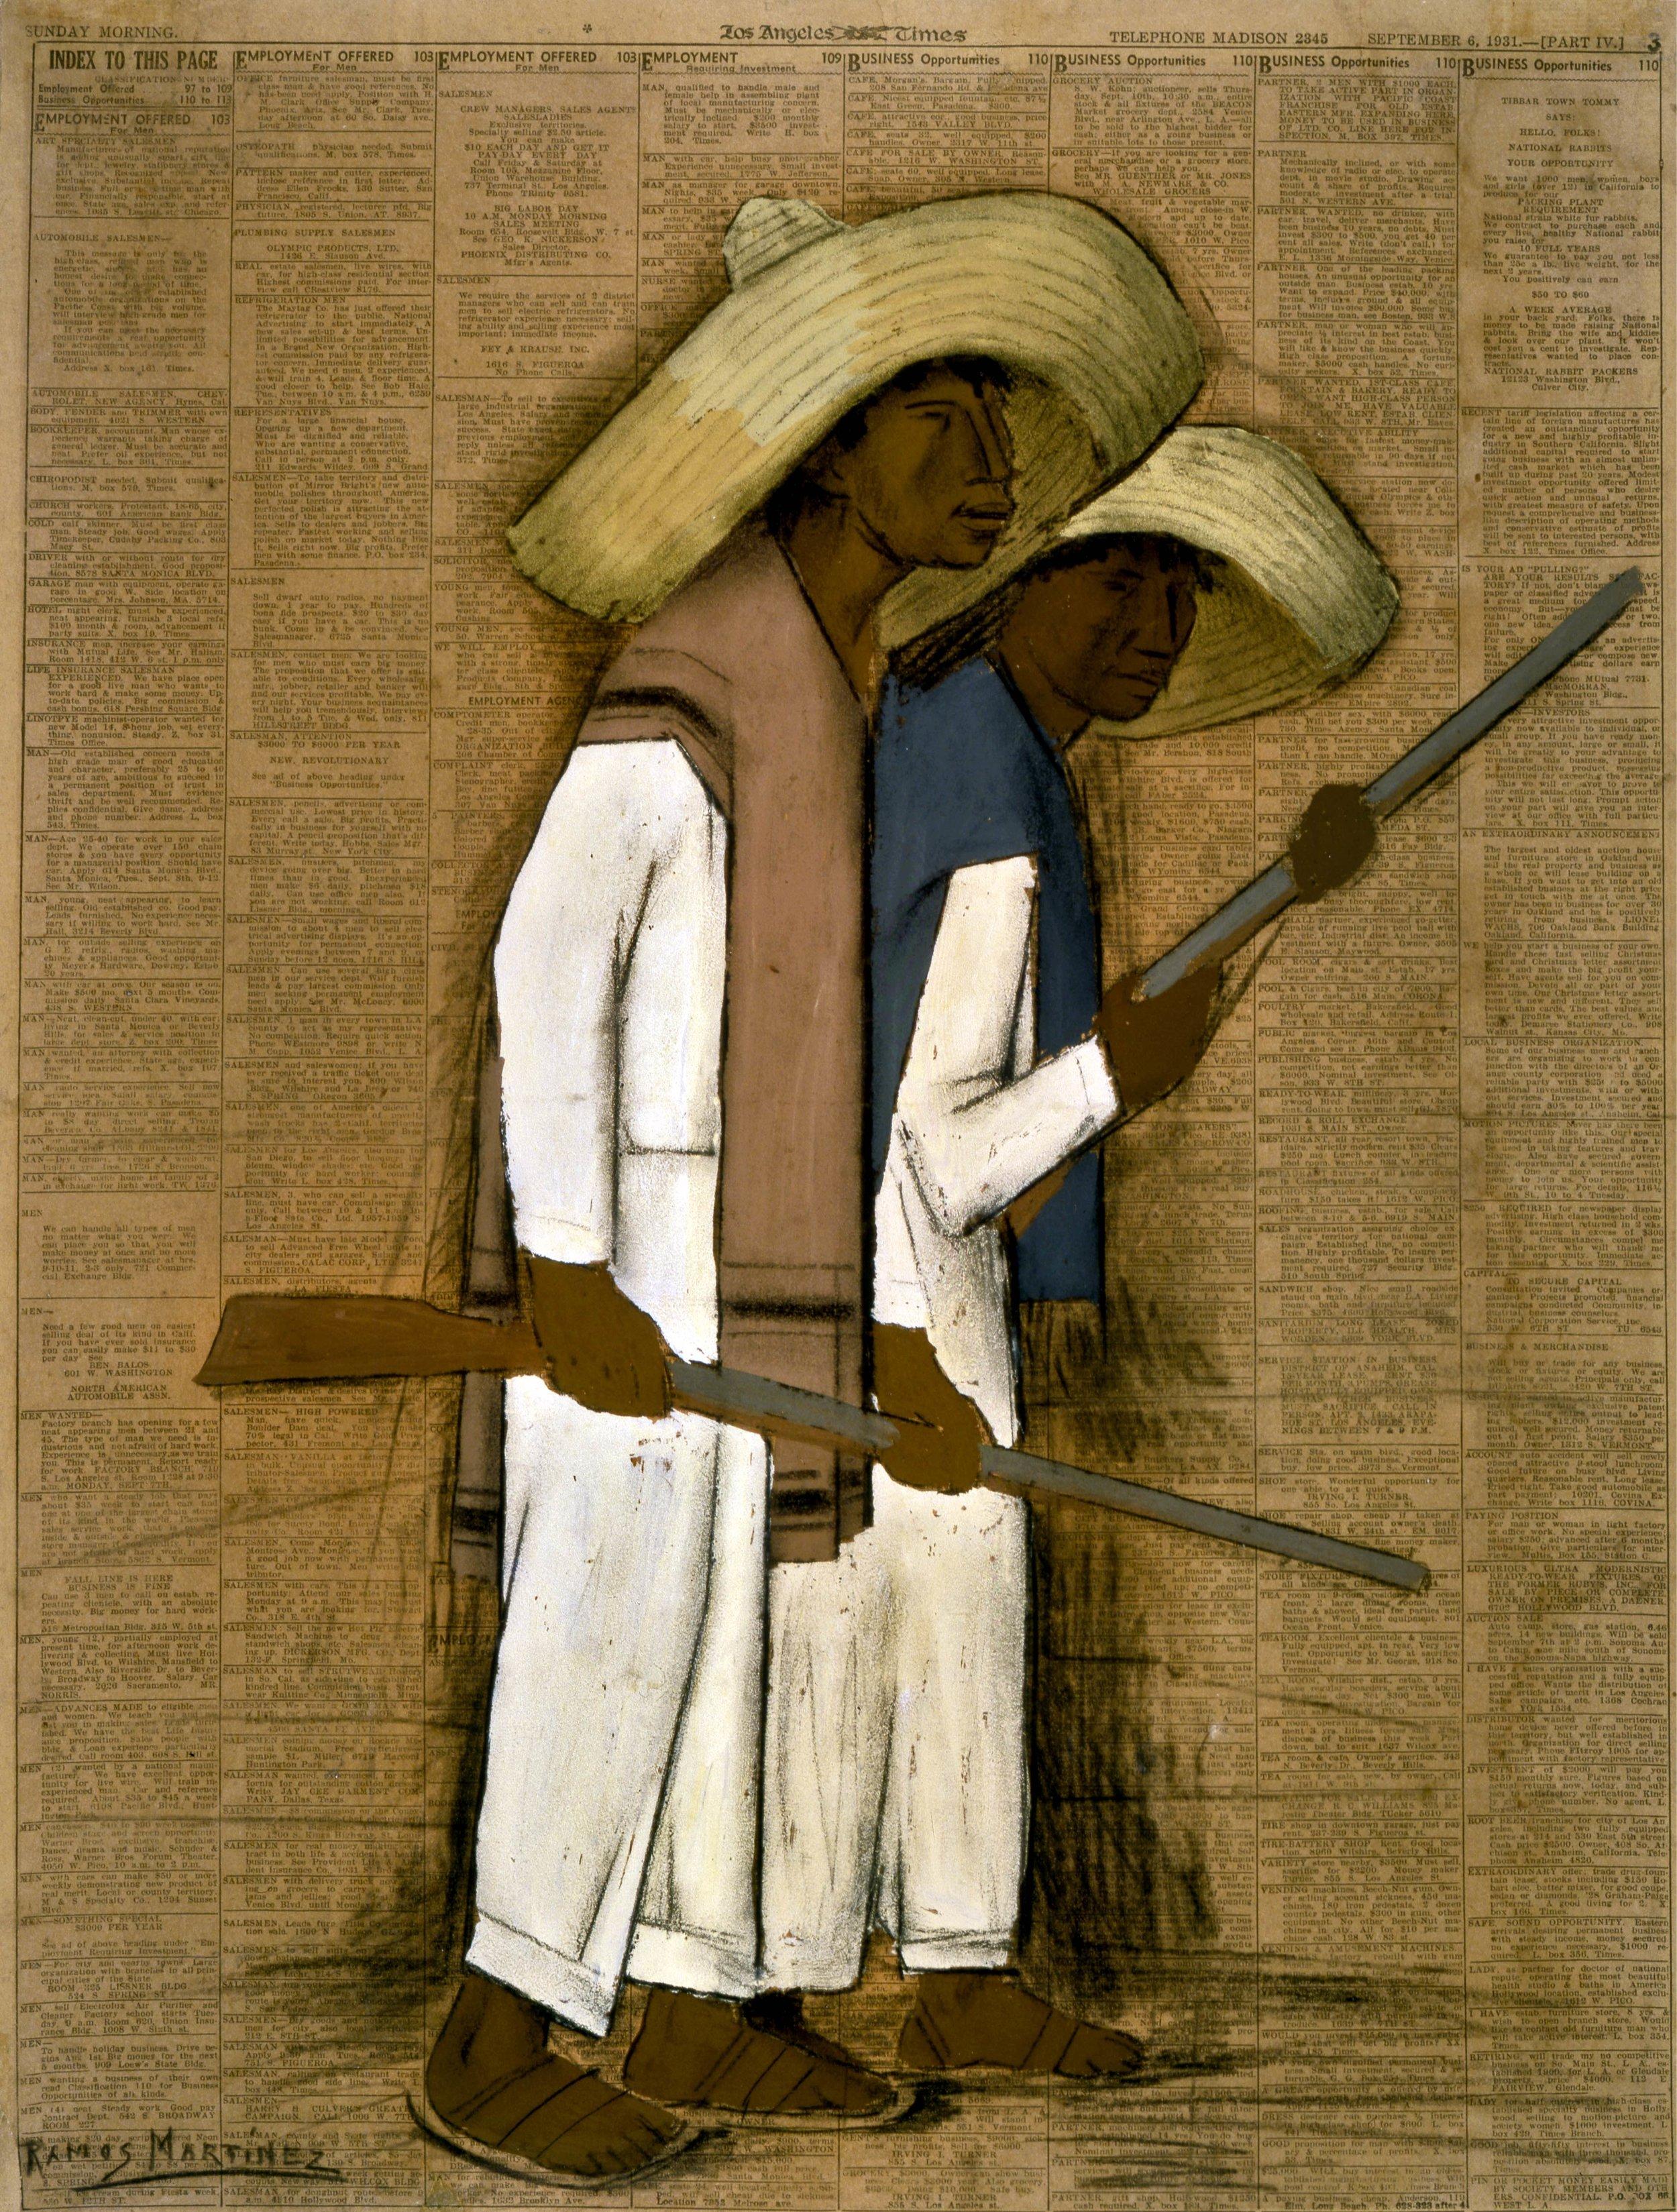 Dos Hombres con Fusiles / Two Men with Rifles  1931 gouache on newsprint / aquada sobre papel periódico ( Los Angeles Times , September 6, 1931) 21.8 x 16.3 inches; 55.3 x 41.3 centímetros